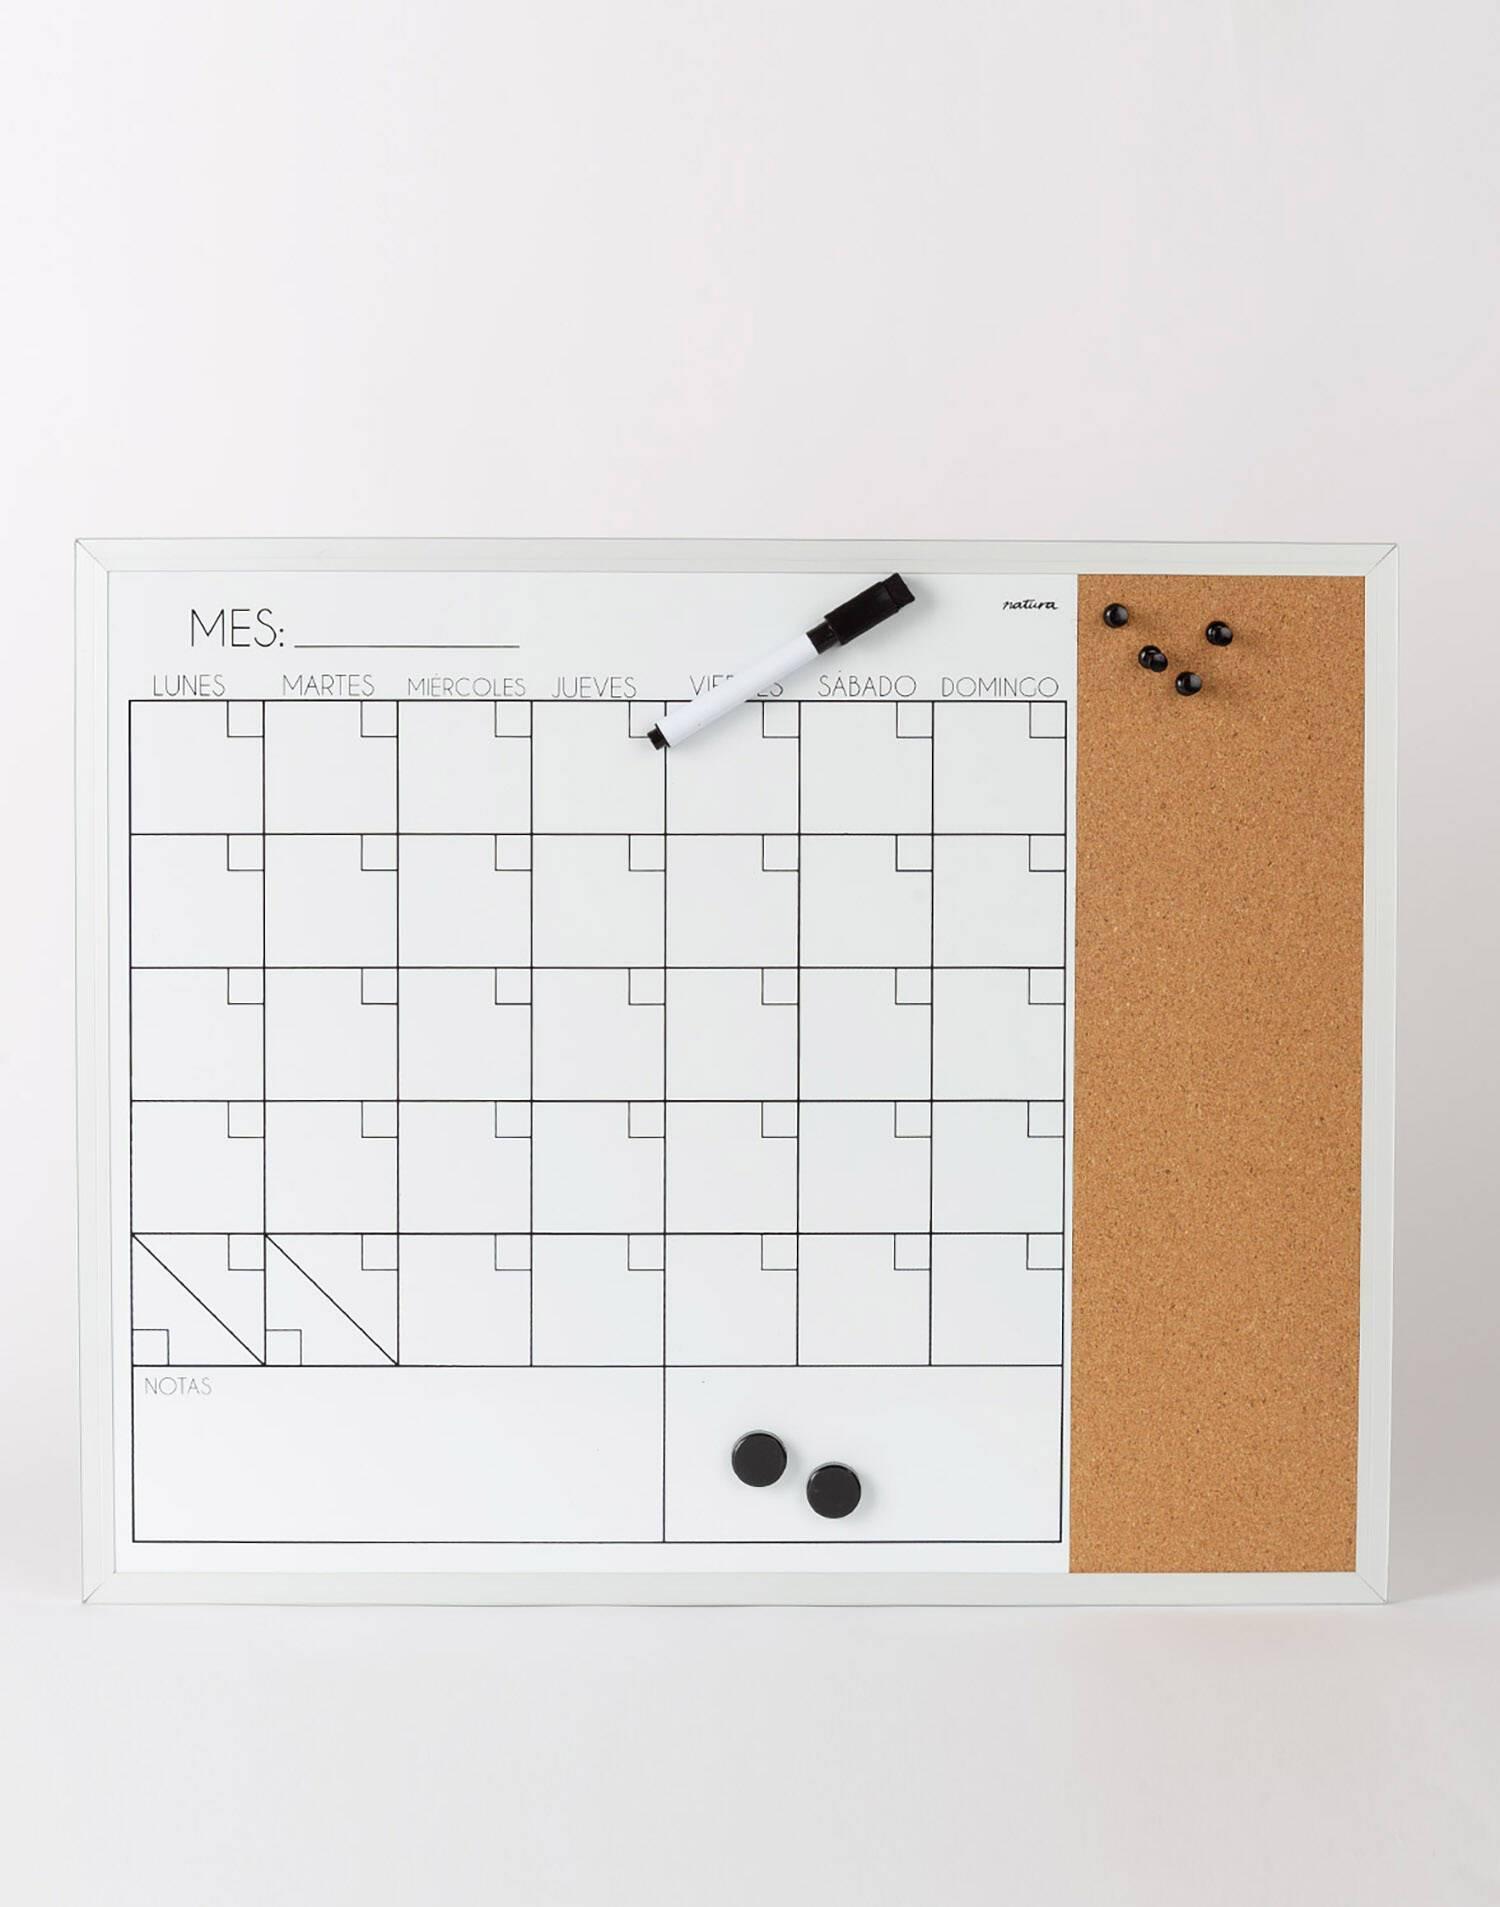 Organizador mensual y corcho